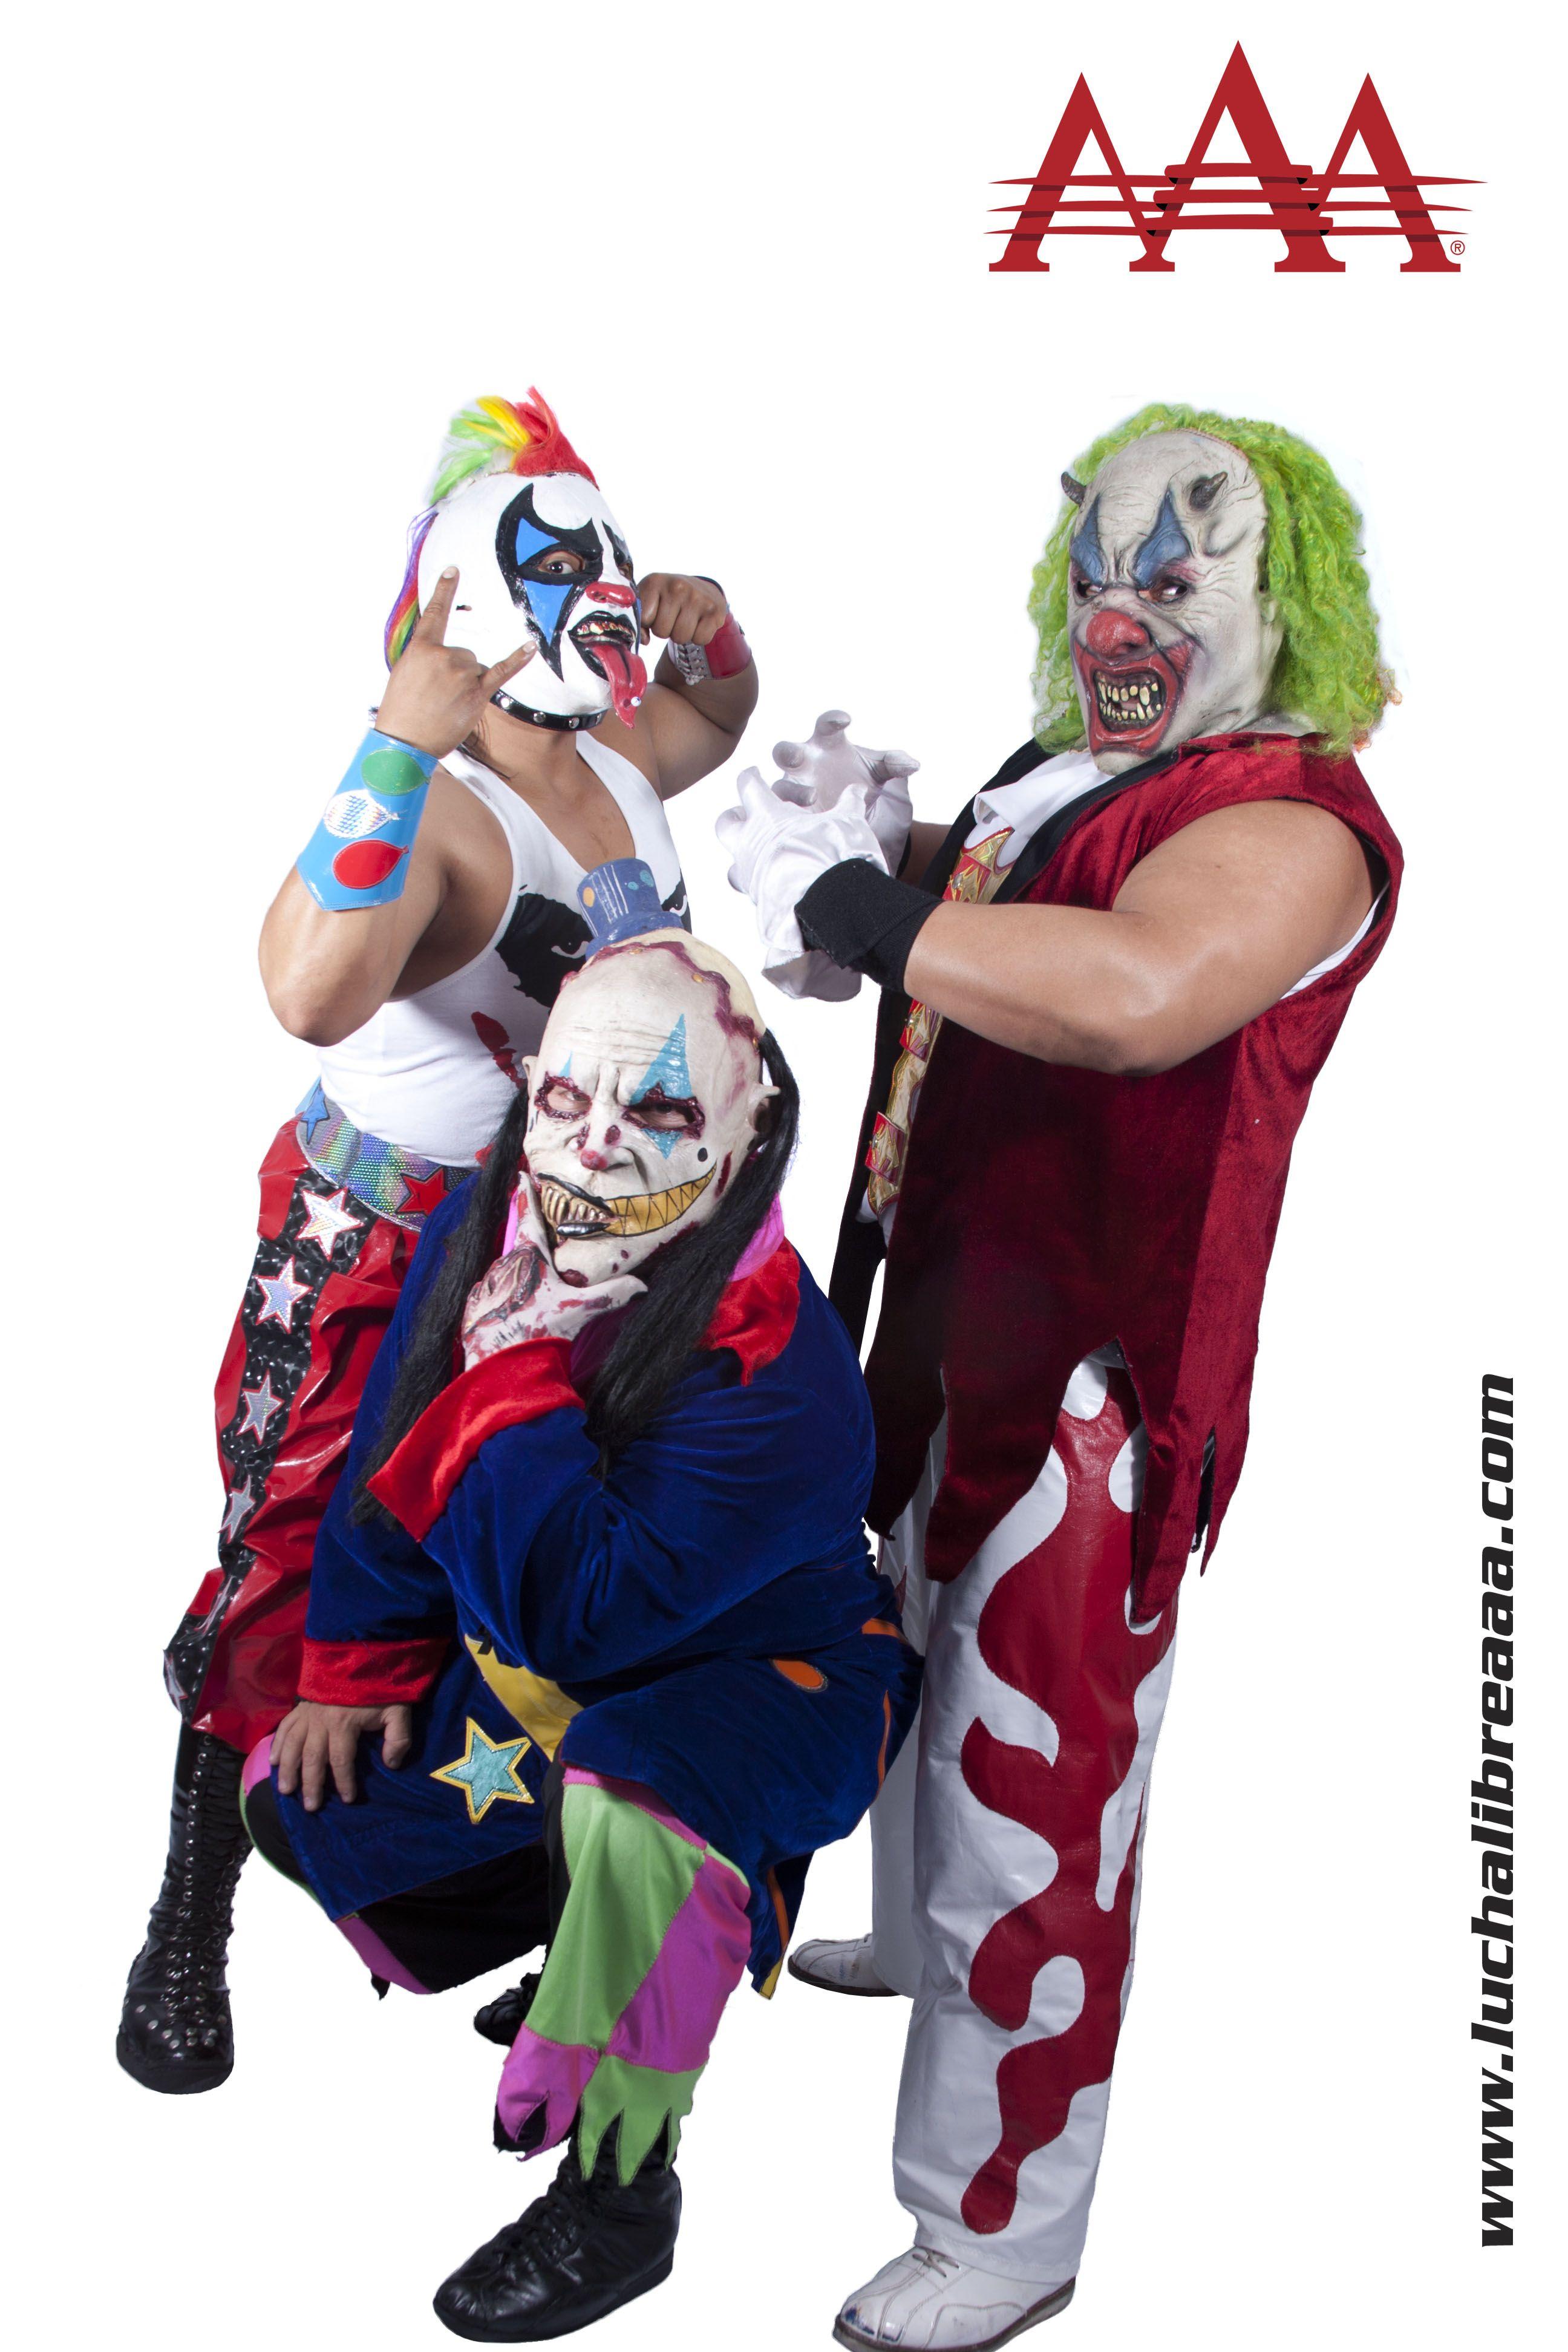 Www Luchalibreaaa Com Lucha Libre Lucha Libre Mexicana Luchadores Aaa